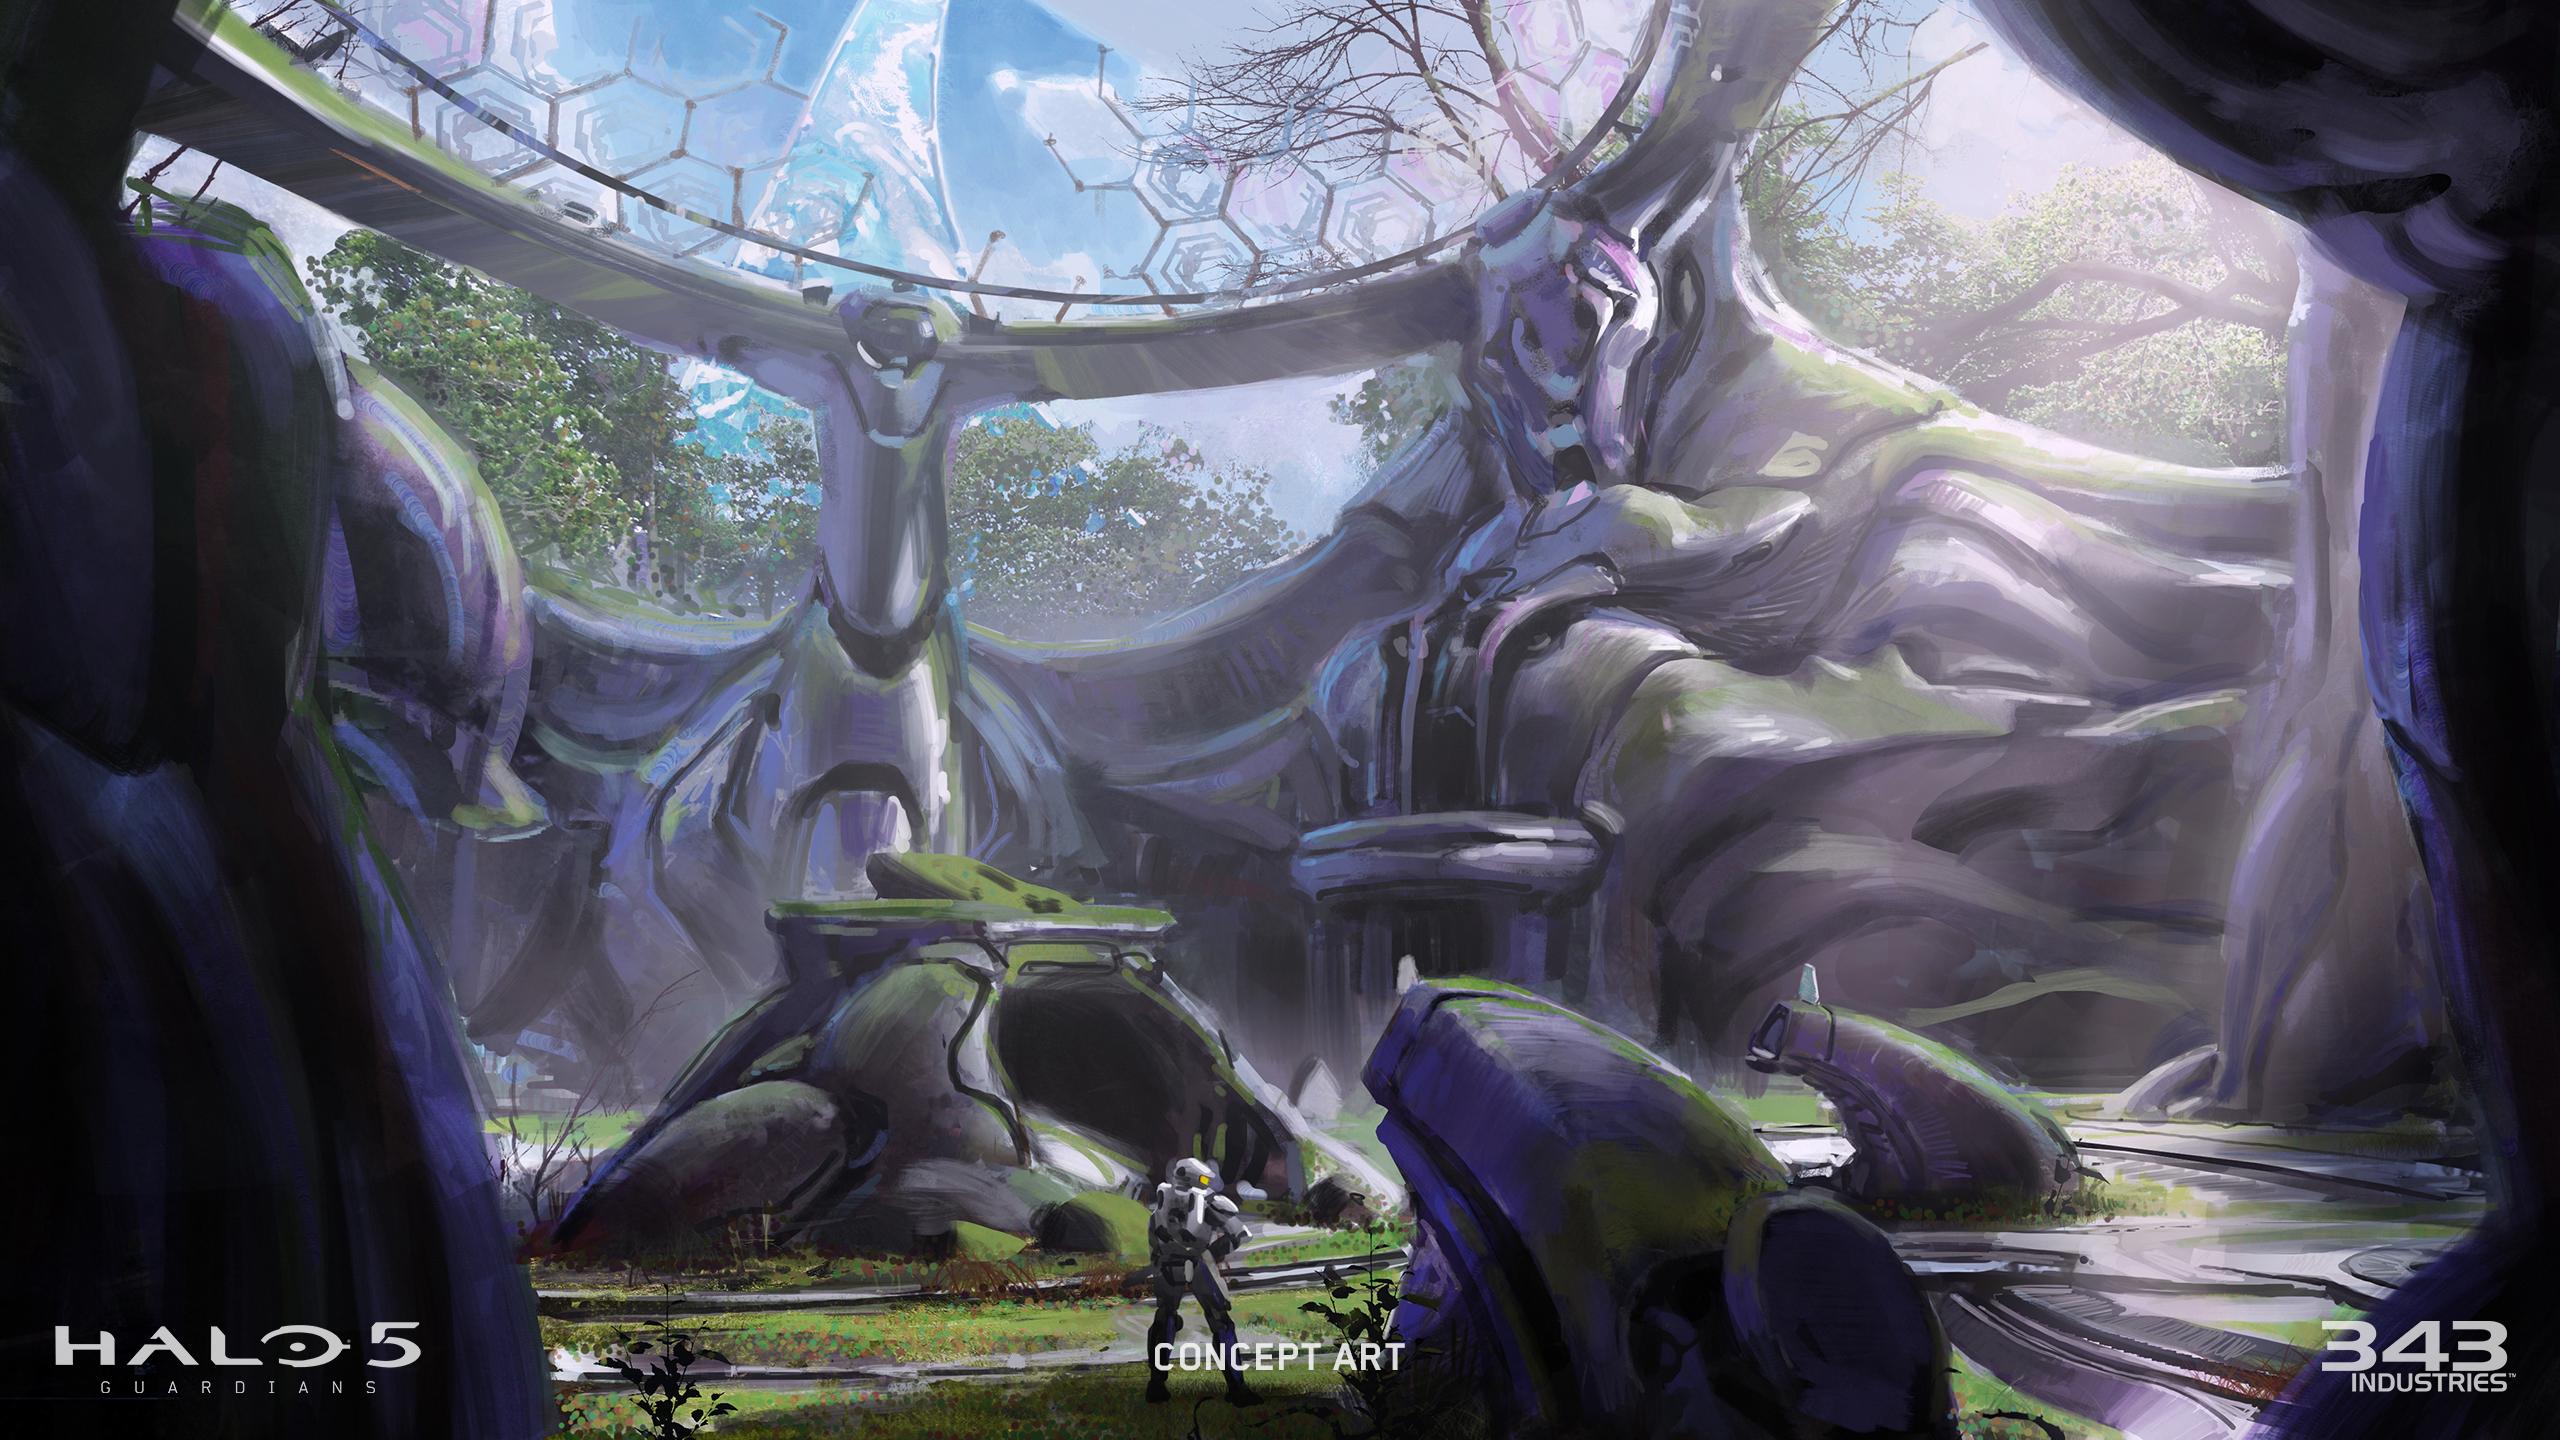 Halo Hd Fondos De Pantalla: Halo 5: Guardians Fondos De Pantalla, Fondos De Escritorio